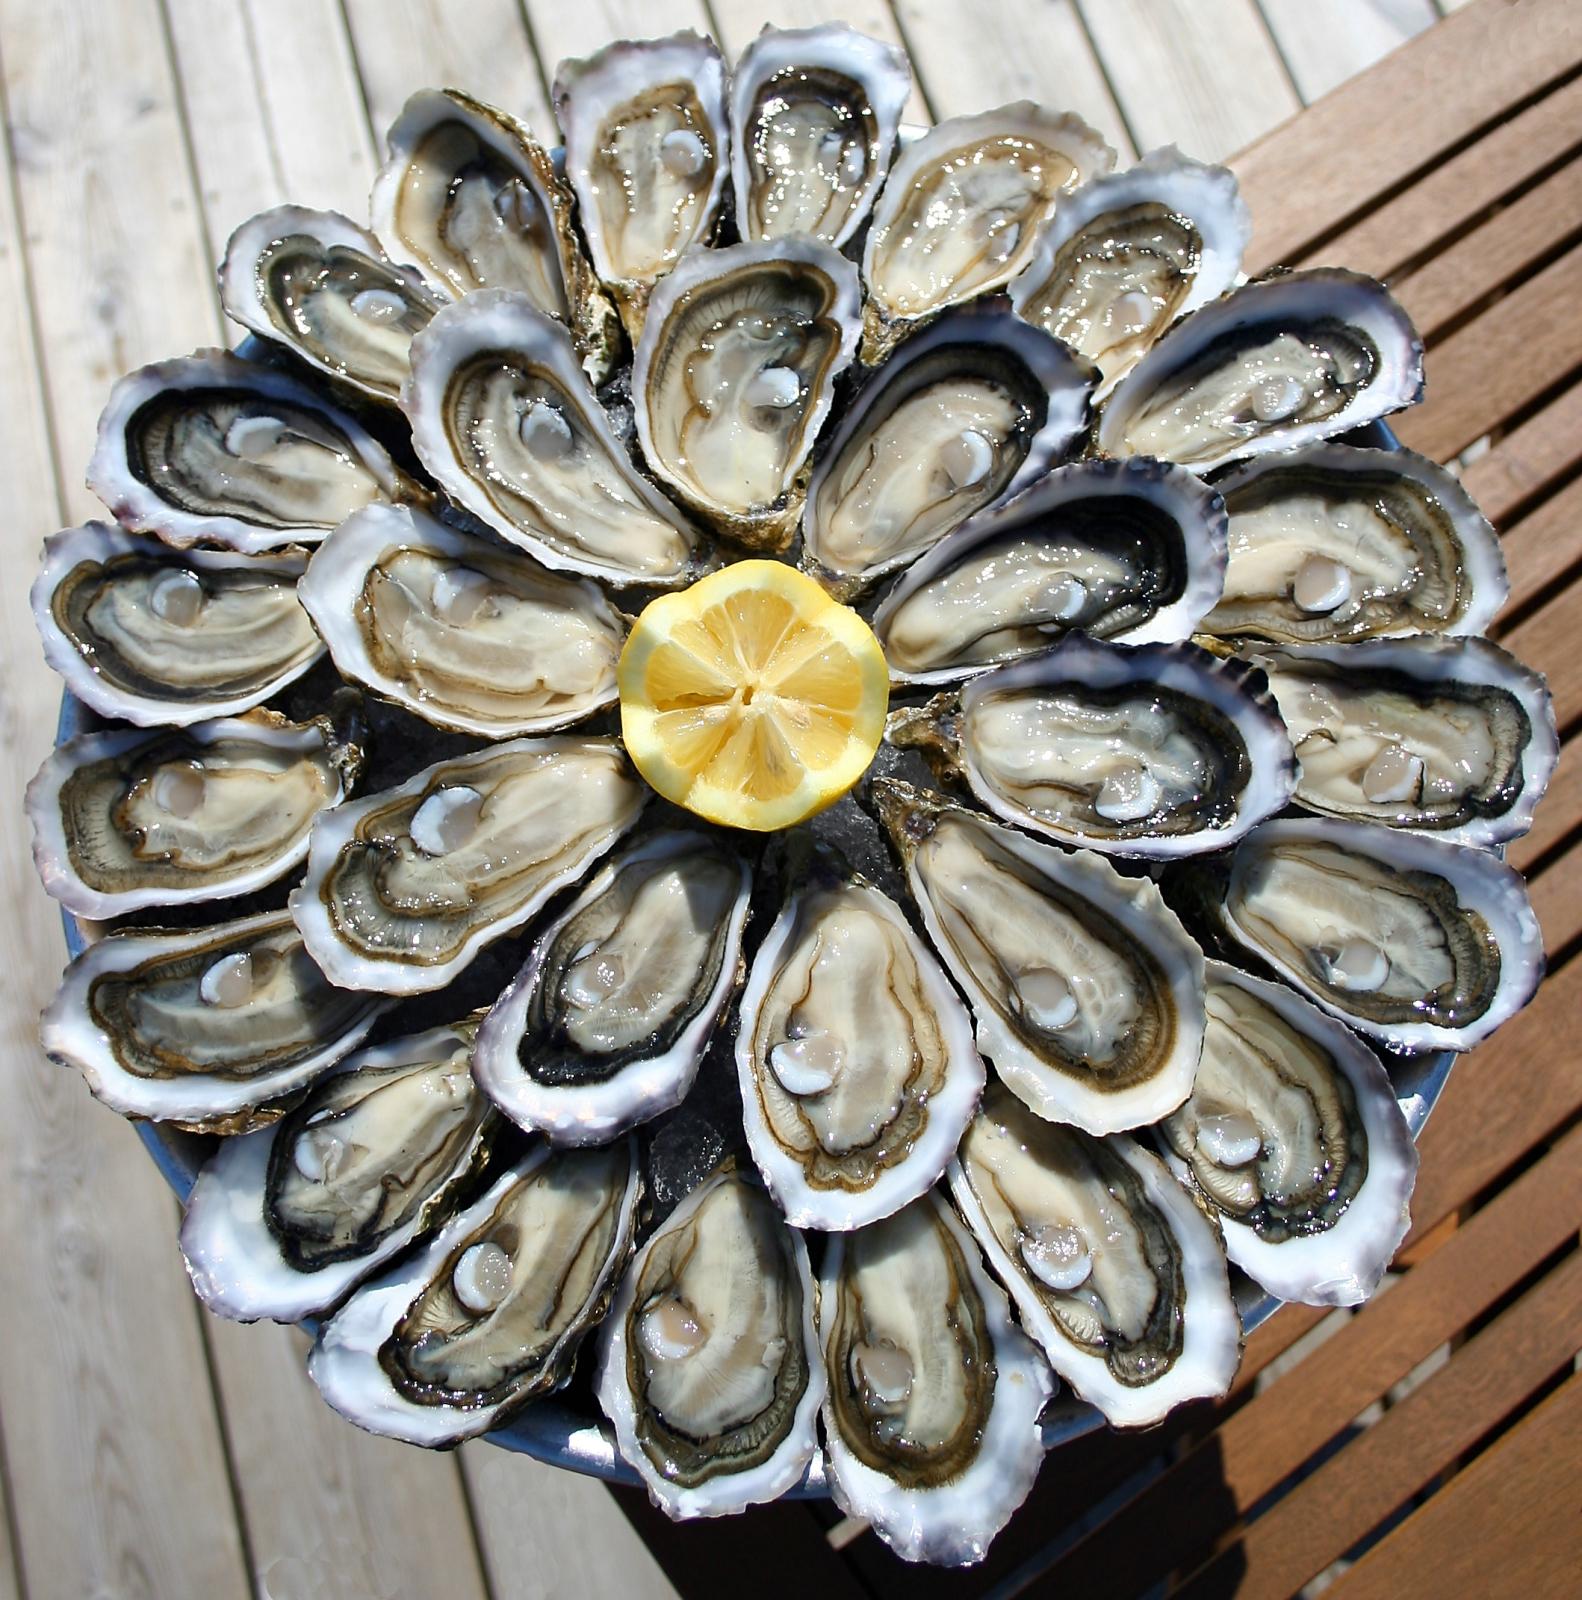 Vente d'huîtres de Cancale en ligne - Huîtres A. Prod'homme Cancale